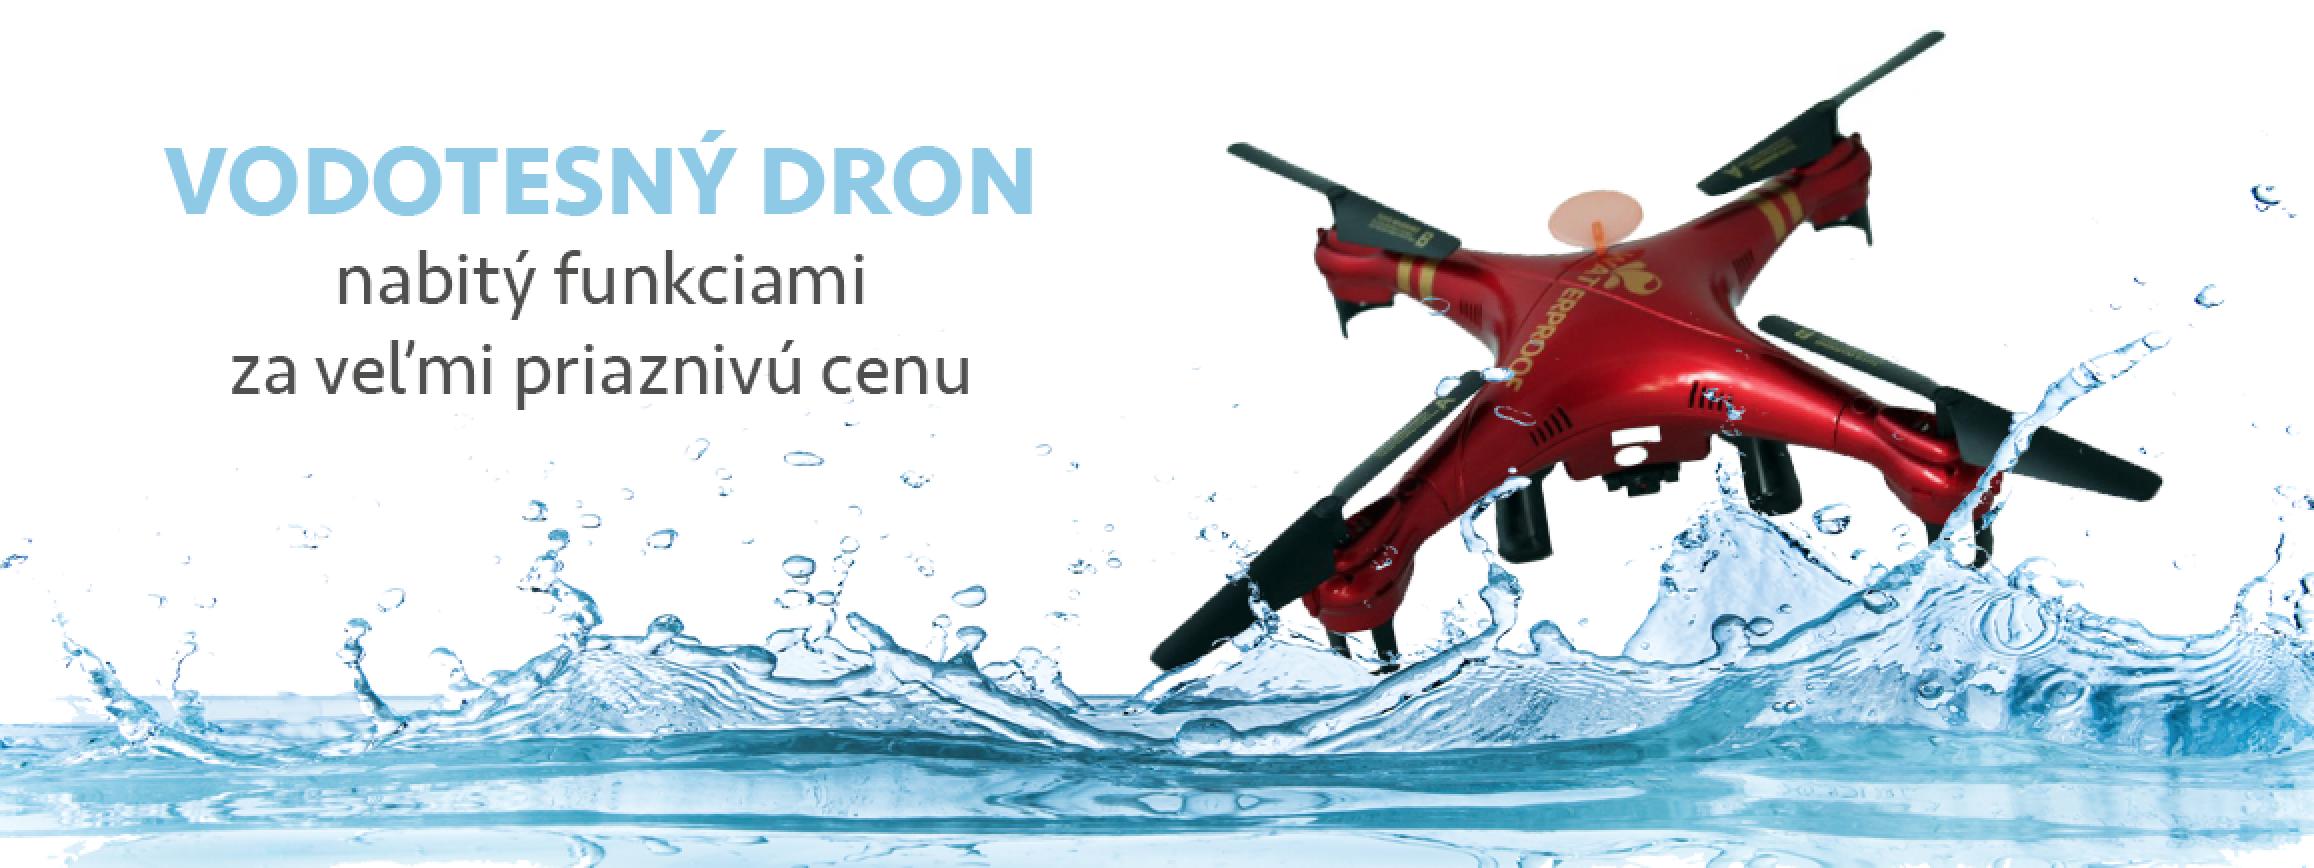 Vodotesný dron